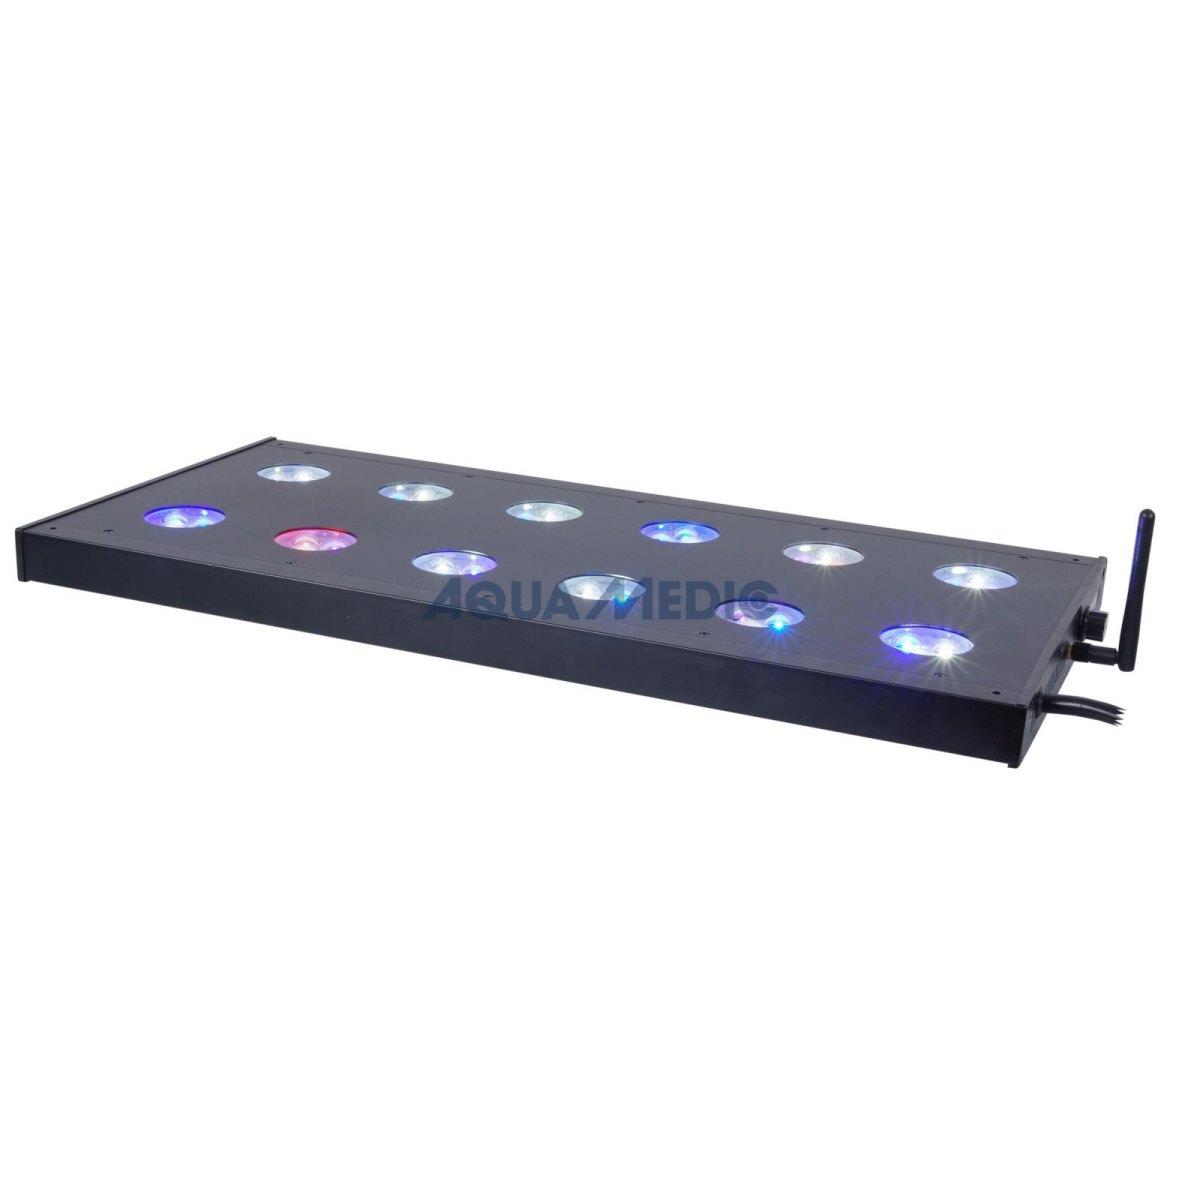 aqua medic spectrus 60 in aqua medic. Black Bedroom Furniture Sets. Home Design Ideas